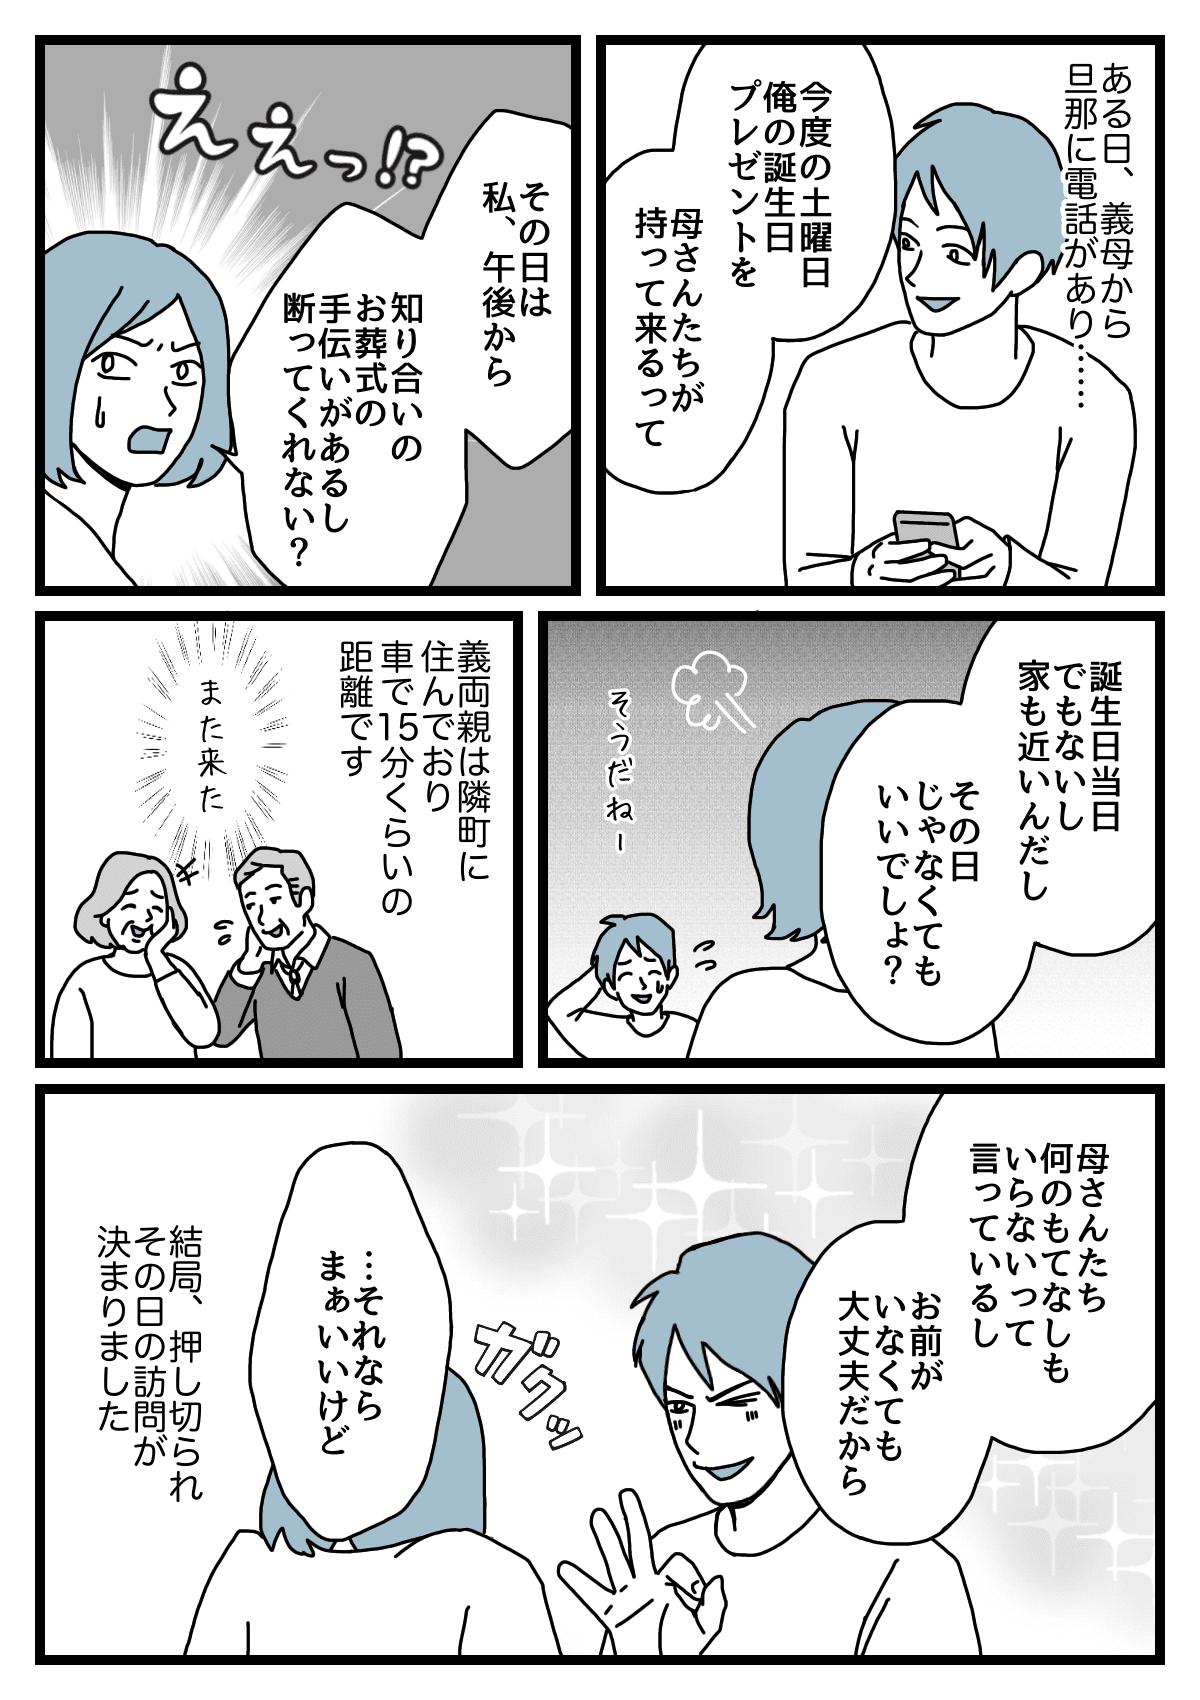 【前編】義両親の訪問は最優先事項!?